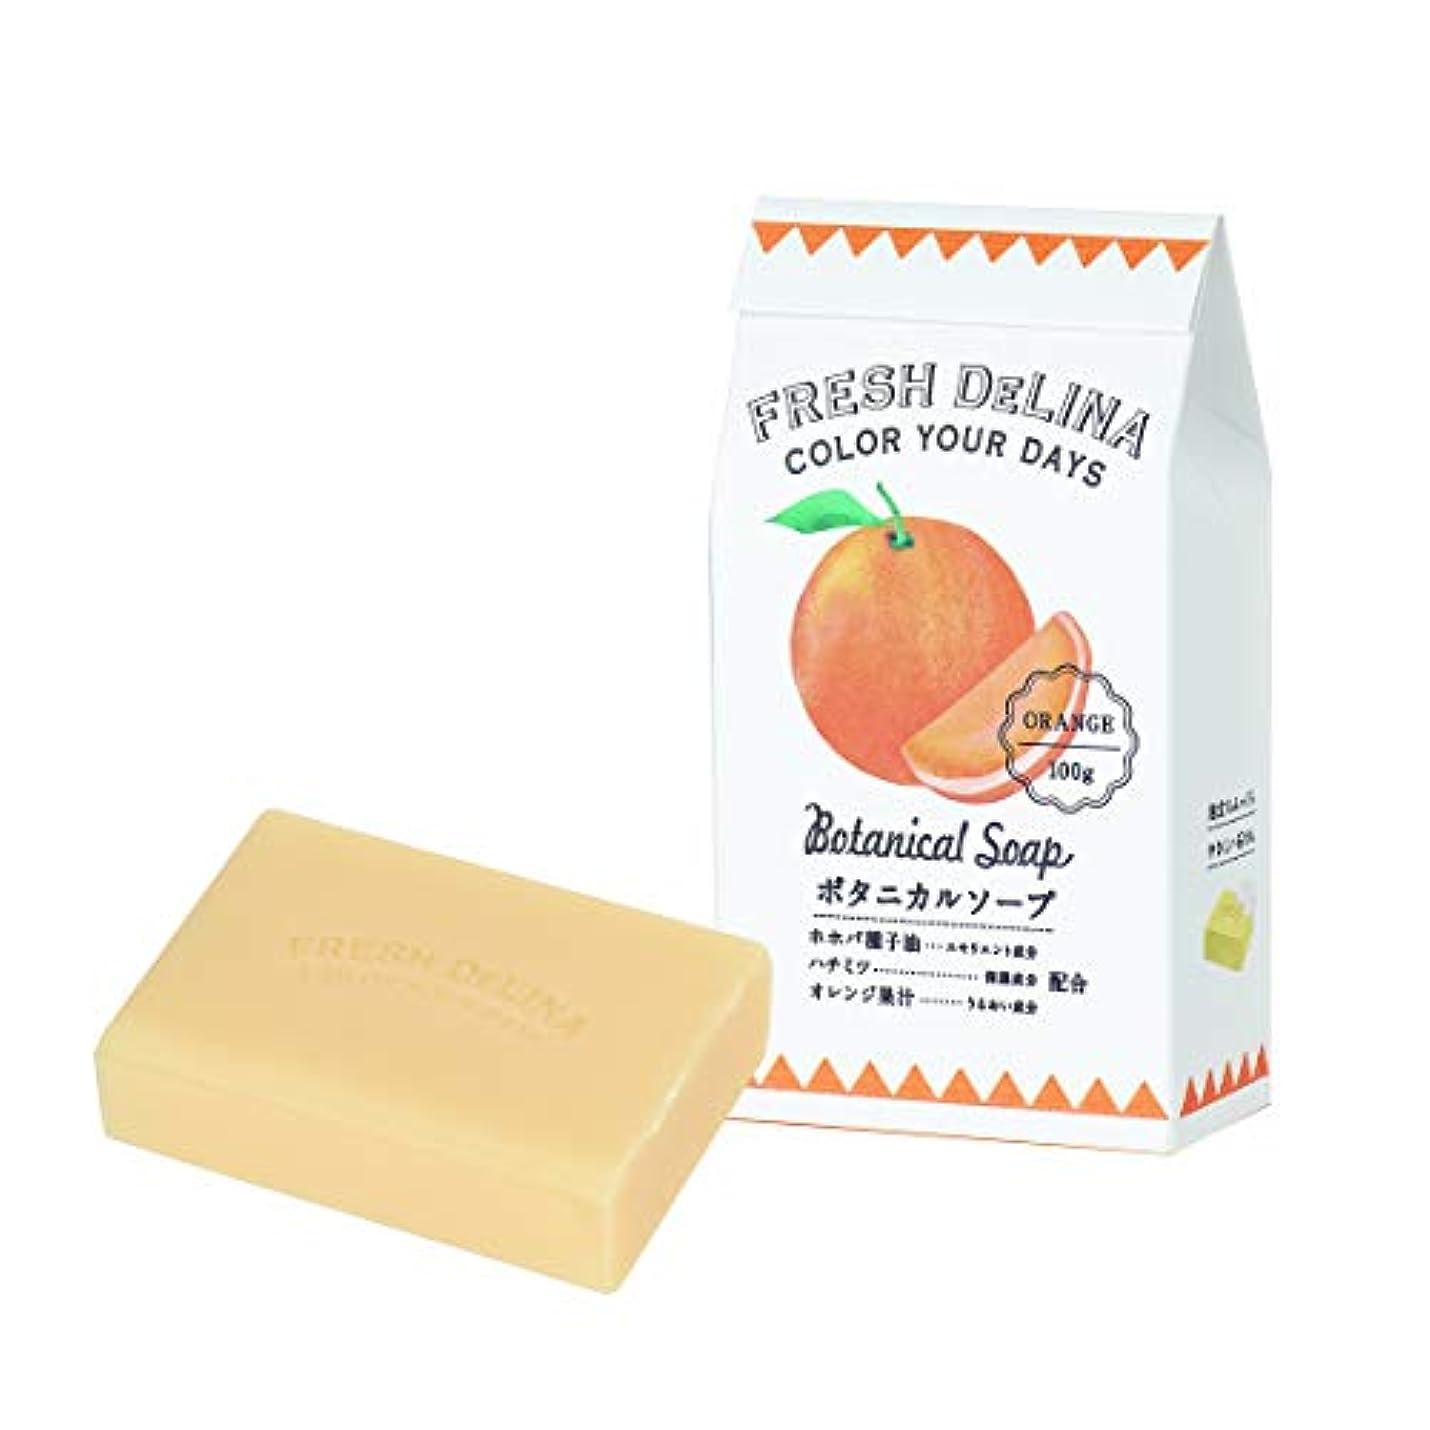 側お祝いムスタチオフレッシュデリーナ ボタニカルソープ オレンジ 100g